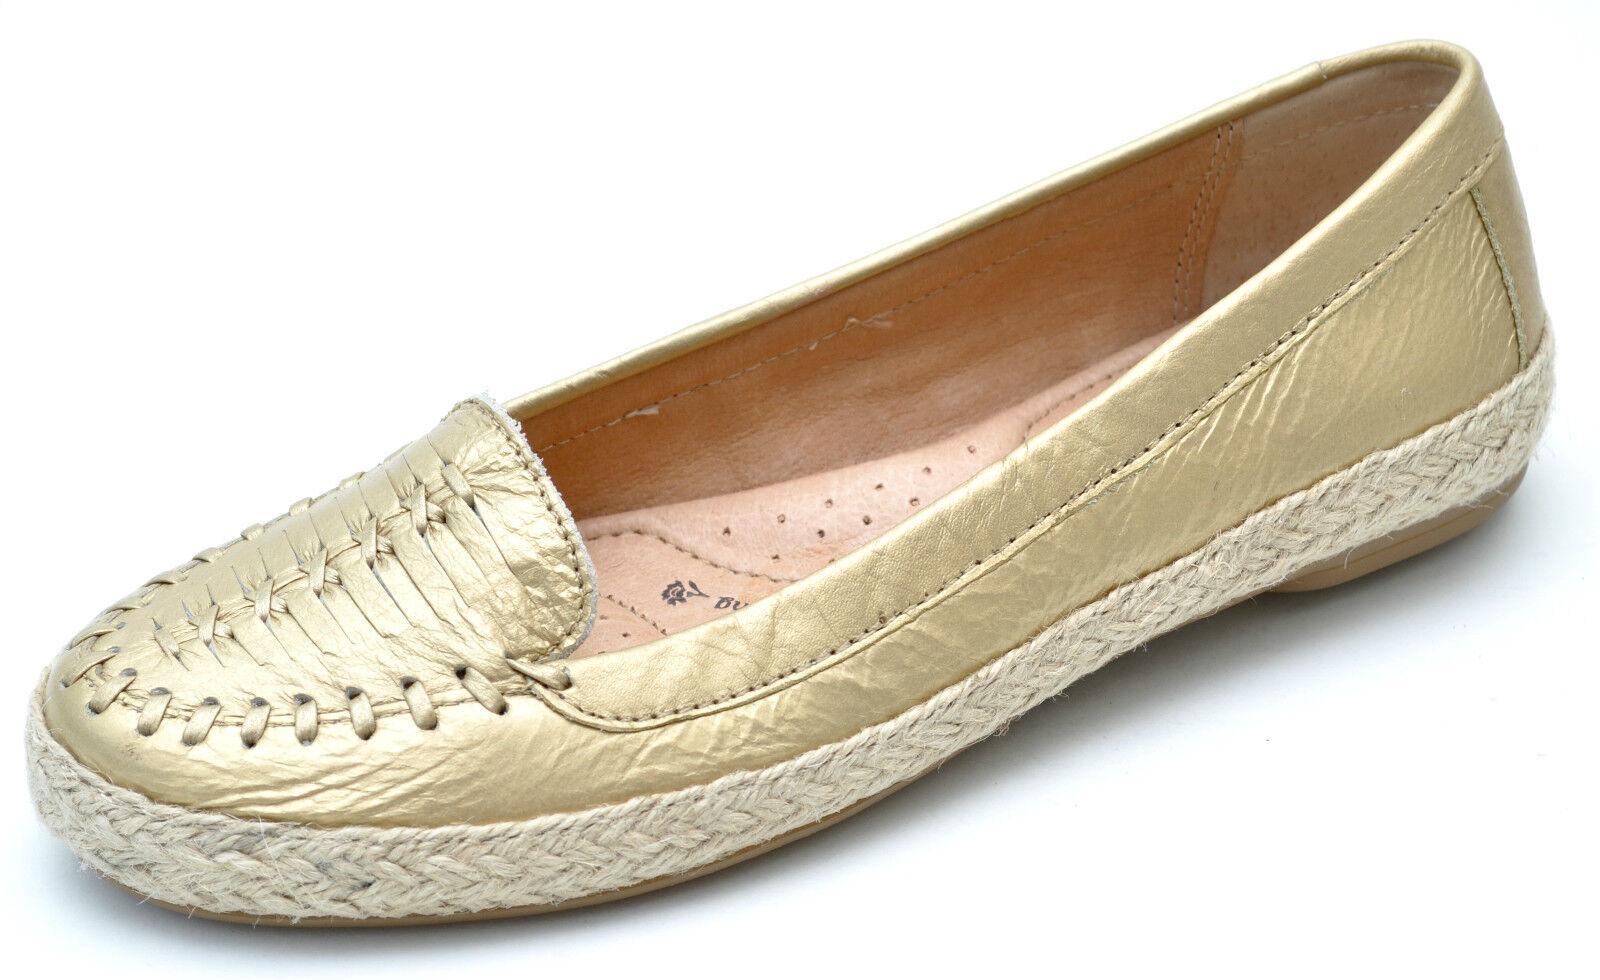 Sofft Mapúrpura oro Luxor Luxor Luxor Cuero Zapatos chatos Slip-Ons para Mujer Nuevo 9.5 - 1078995  punto de venta de la marca